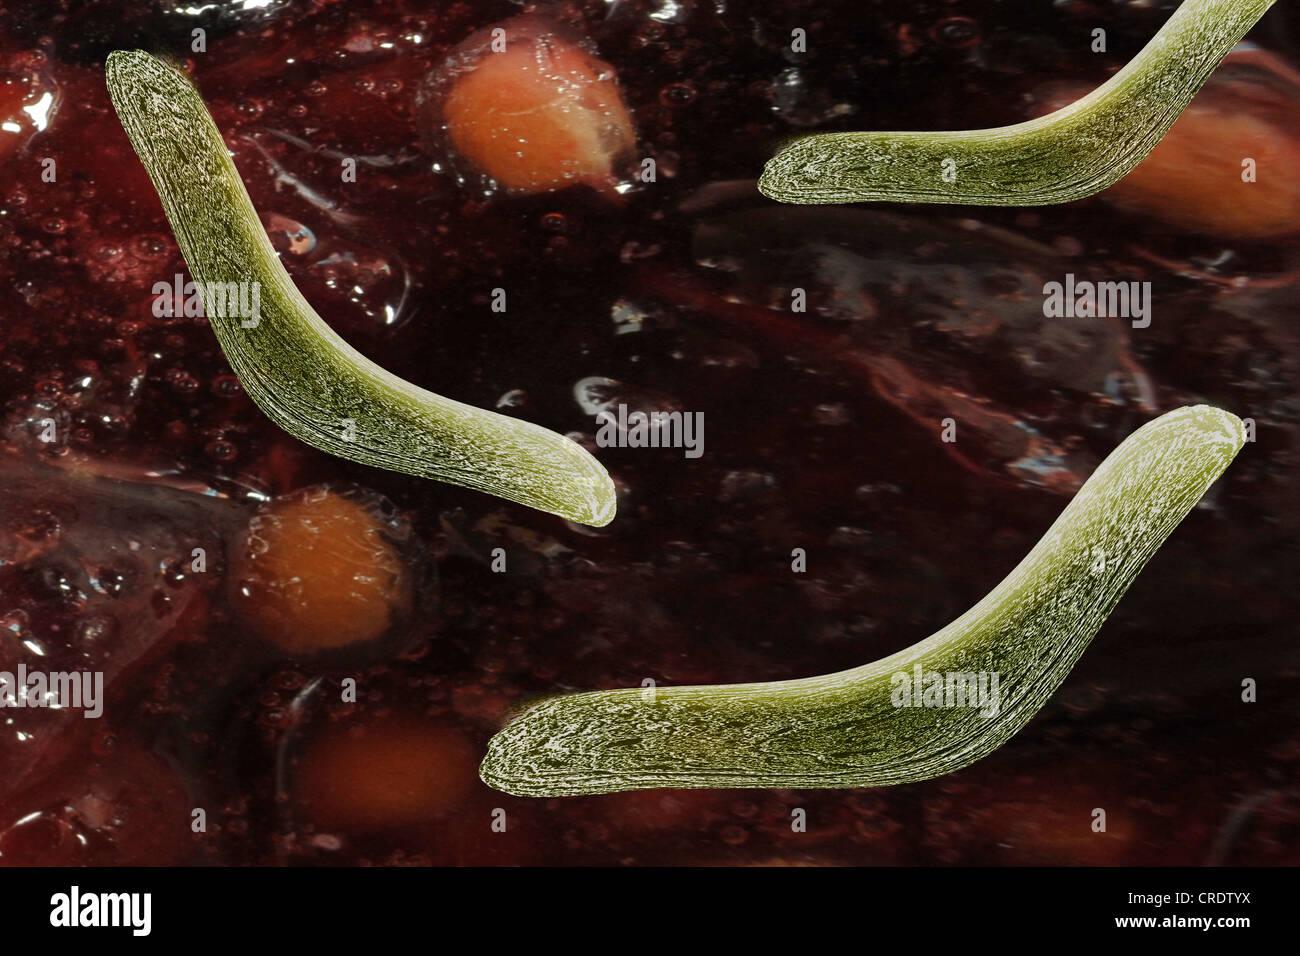 Bacteria in the intestine, scientific illustration Stock Photo